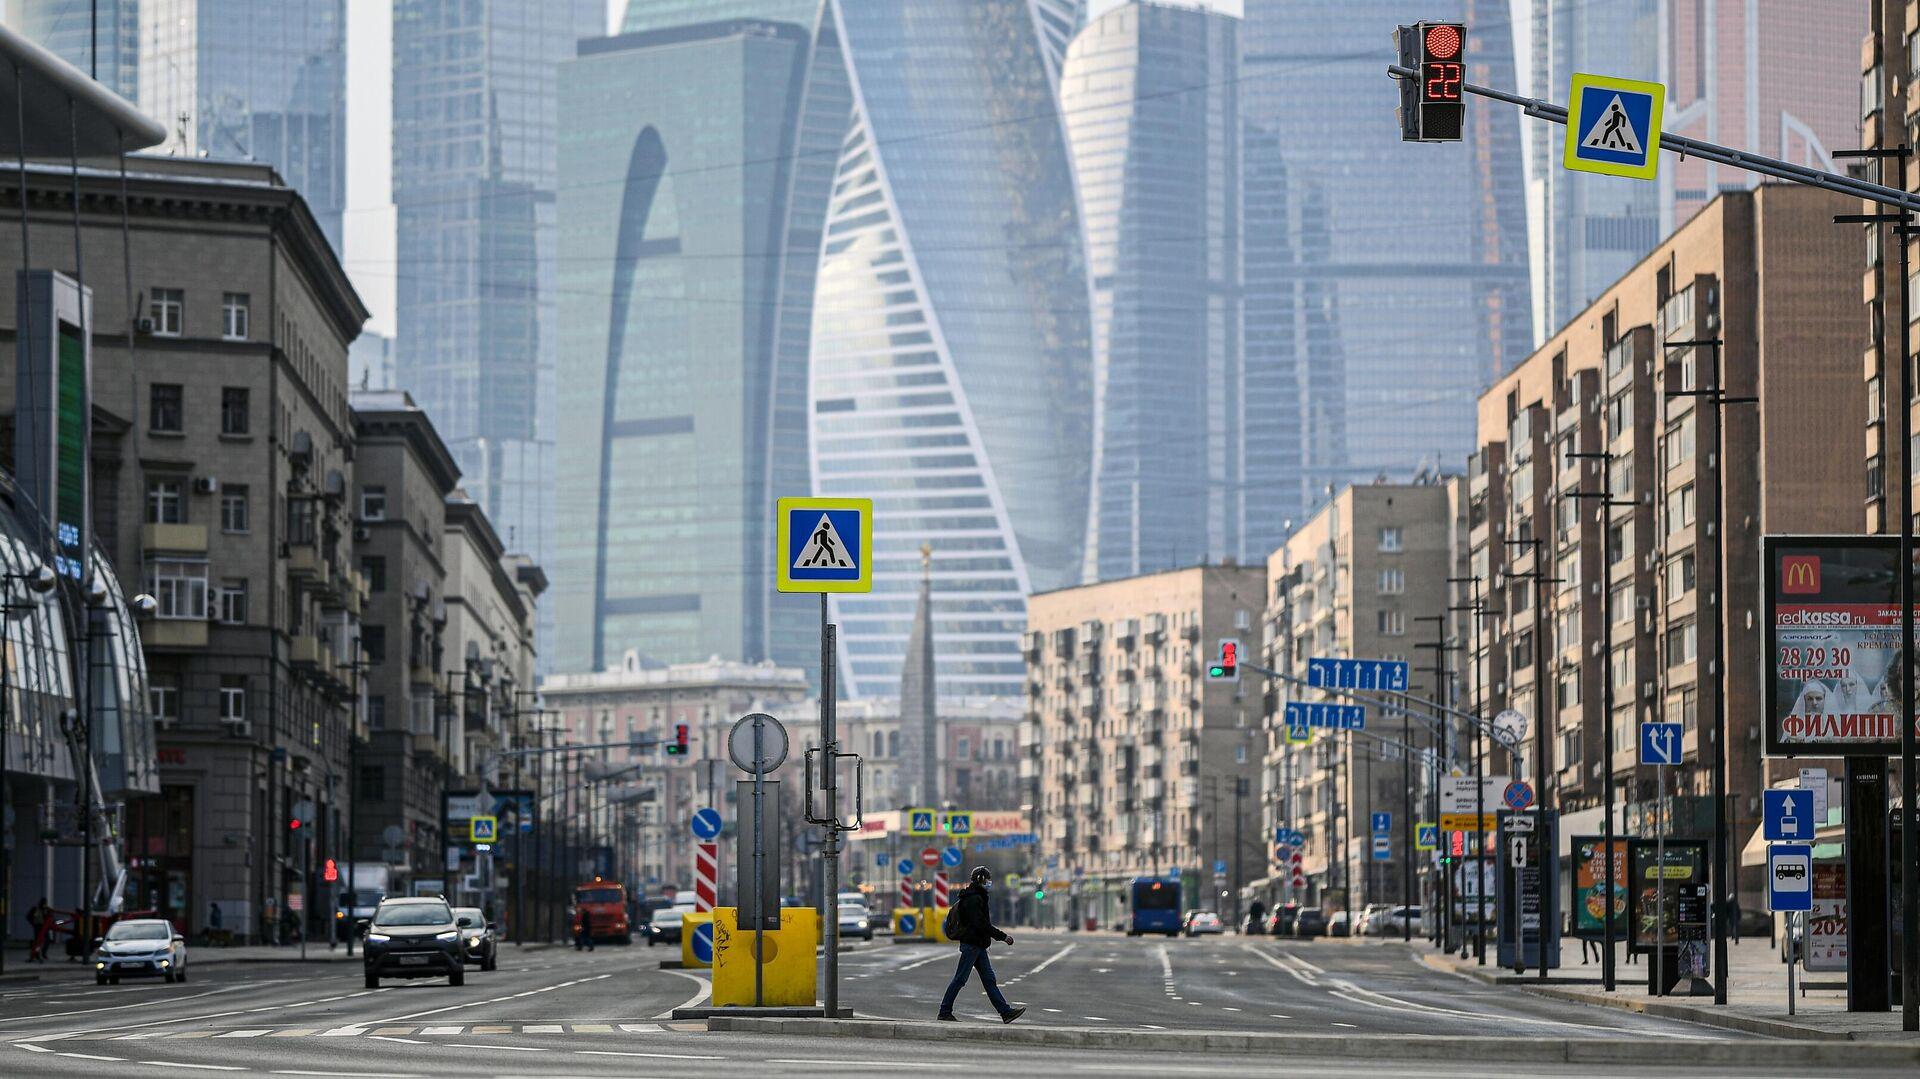 Пешеход переходит Большую Дорогомиловскую улицу в Москве - РИА Новости, 1920, 08.05.2020